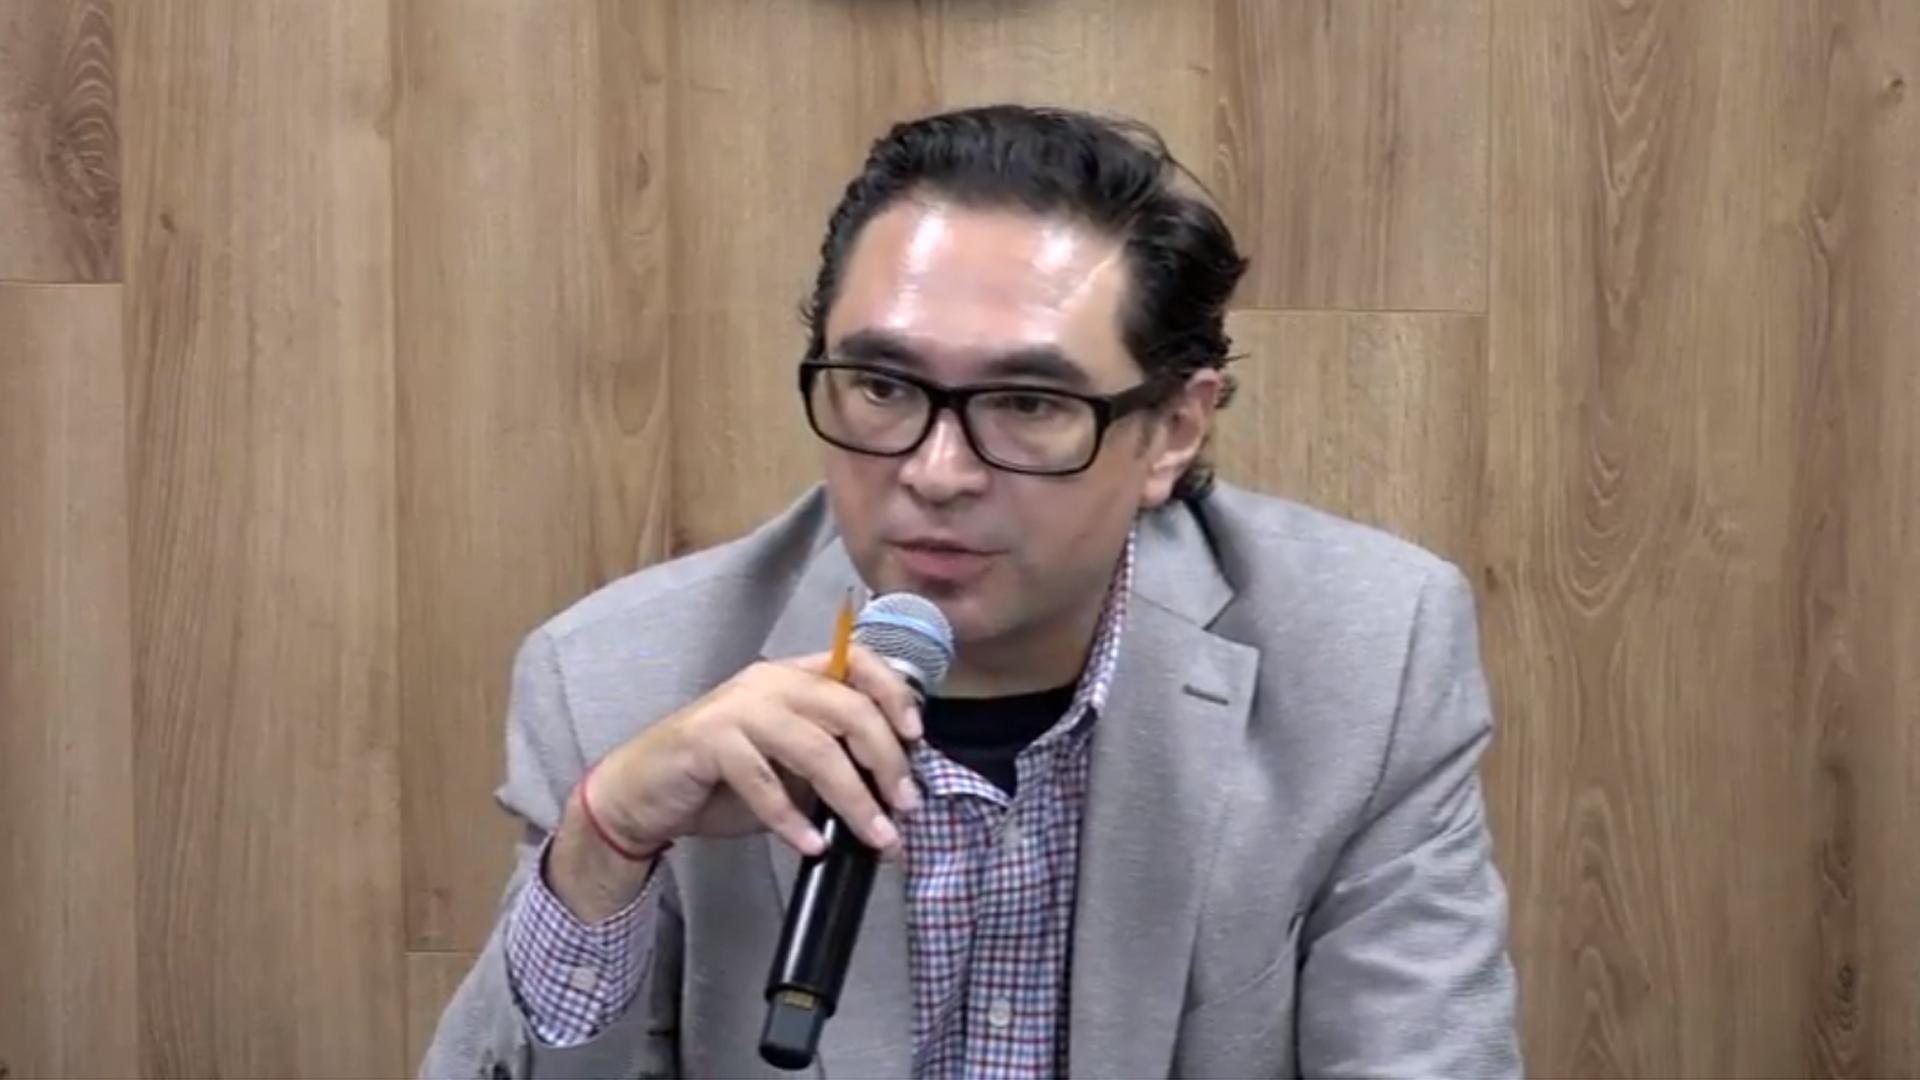 Jefe del Departamento de Sociología, del Centro Universitario de Ciencias Sociales y Humanidades (CUCSH) de esta Casa de Estudio, doctor José Igor Israel González Aguirre, haciendo uso de la palabra